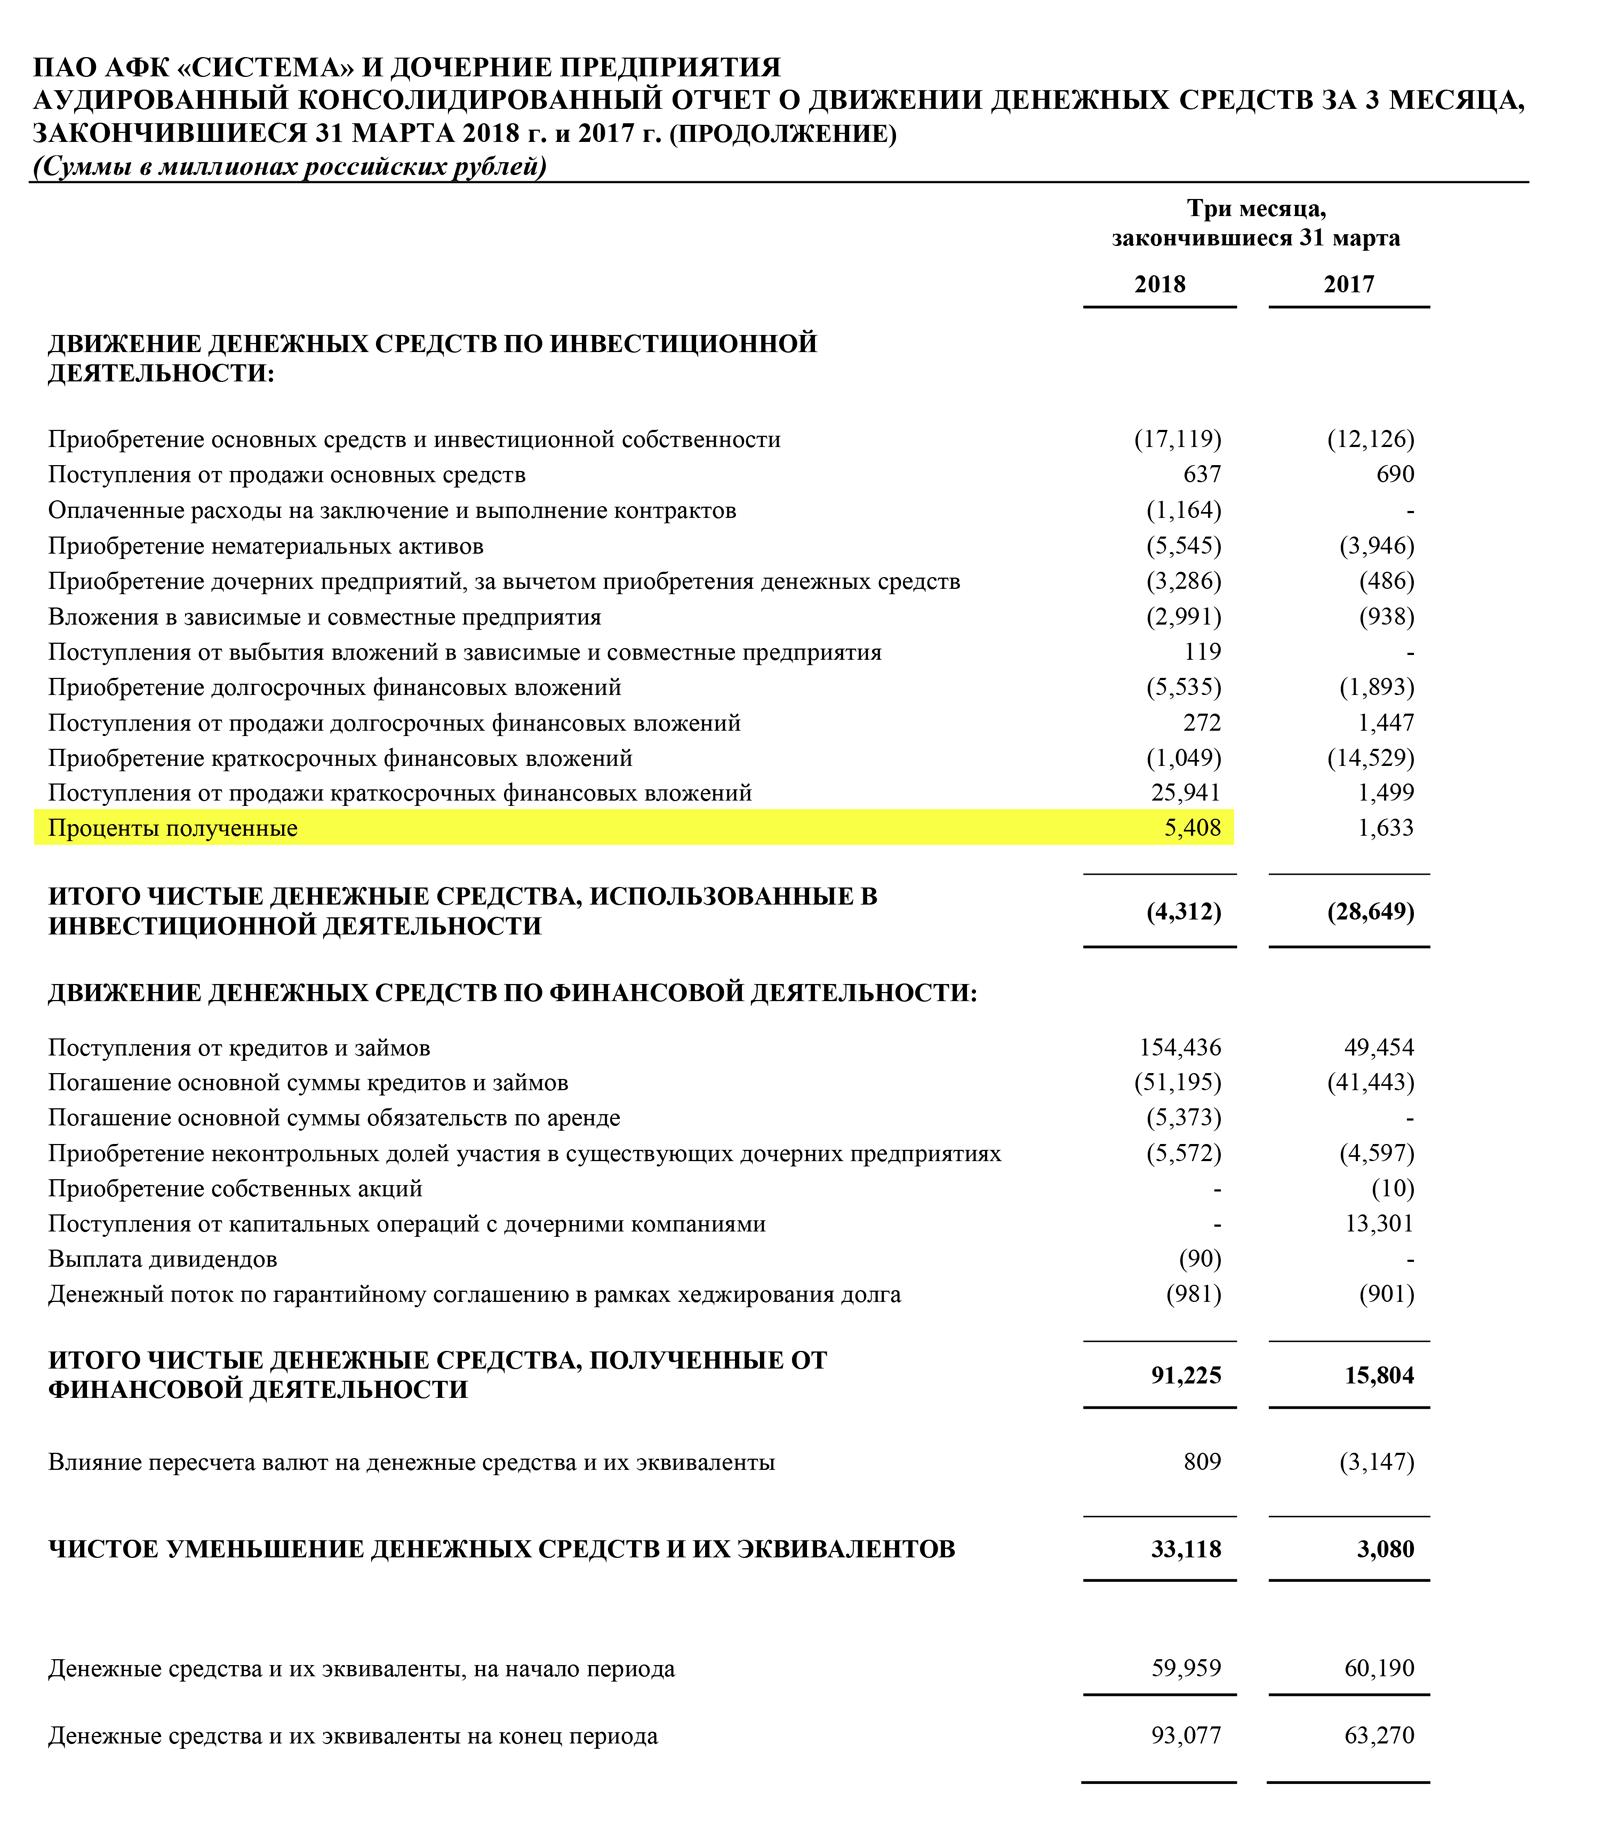 Страница 19 отчета АФК «Система» за 1 квартал 2018 года